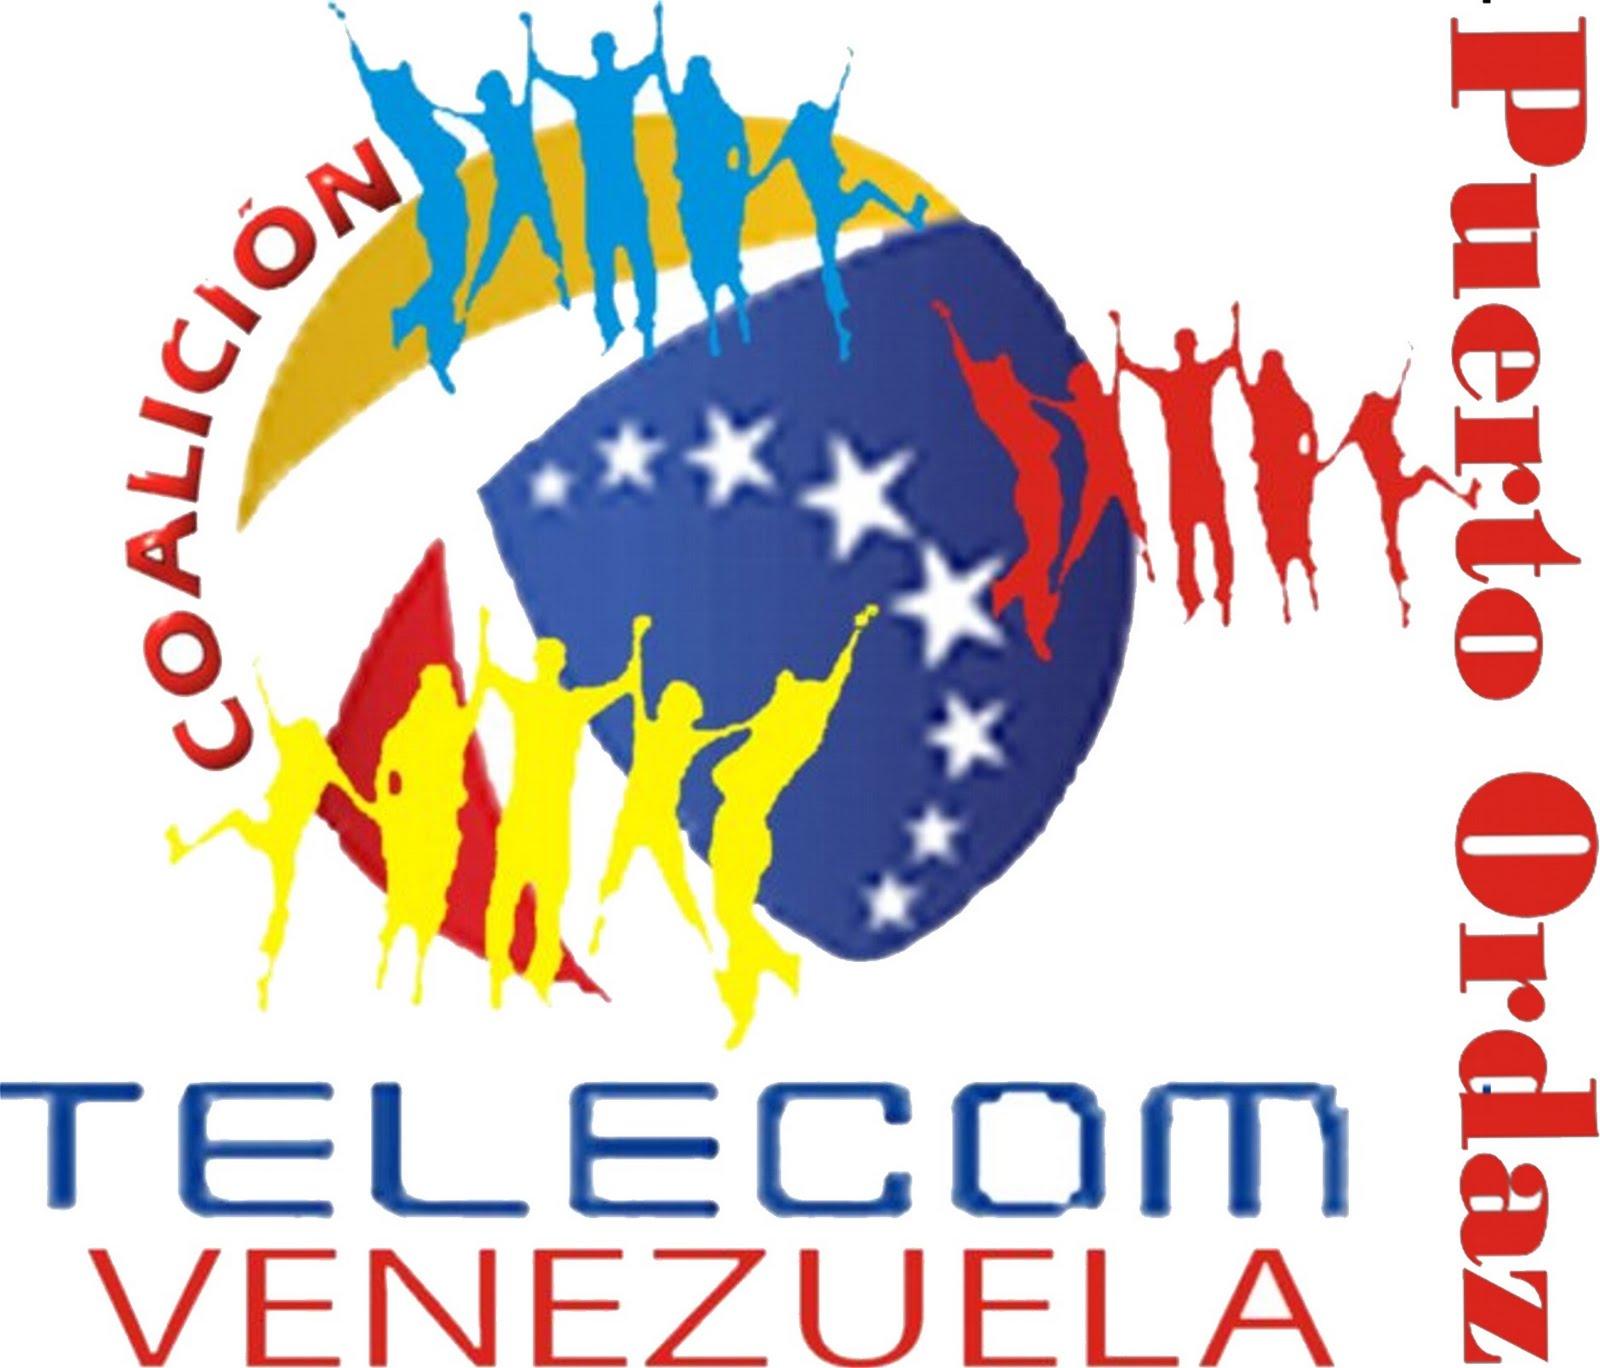 Coalicion de Trabajadores Telecom Venezuela , Pzo